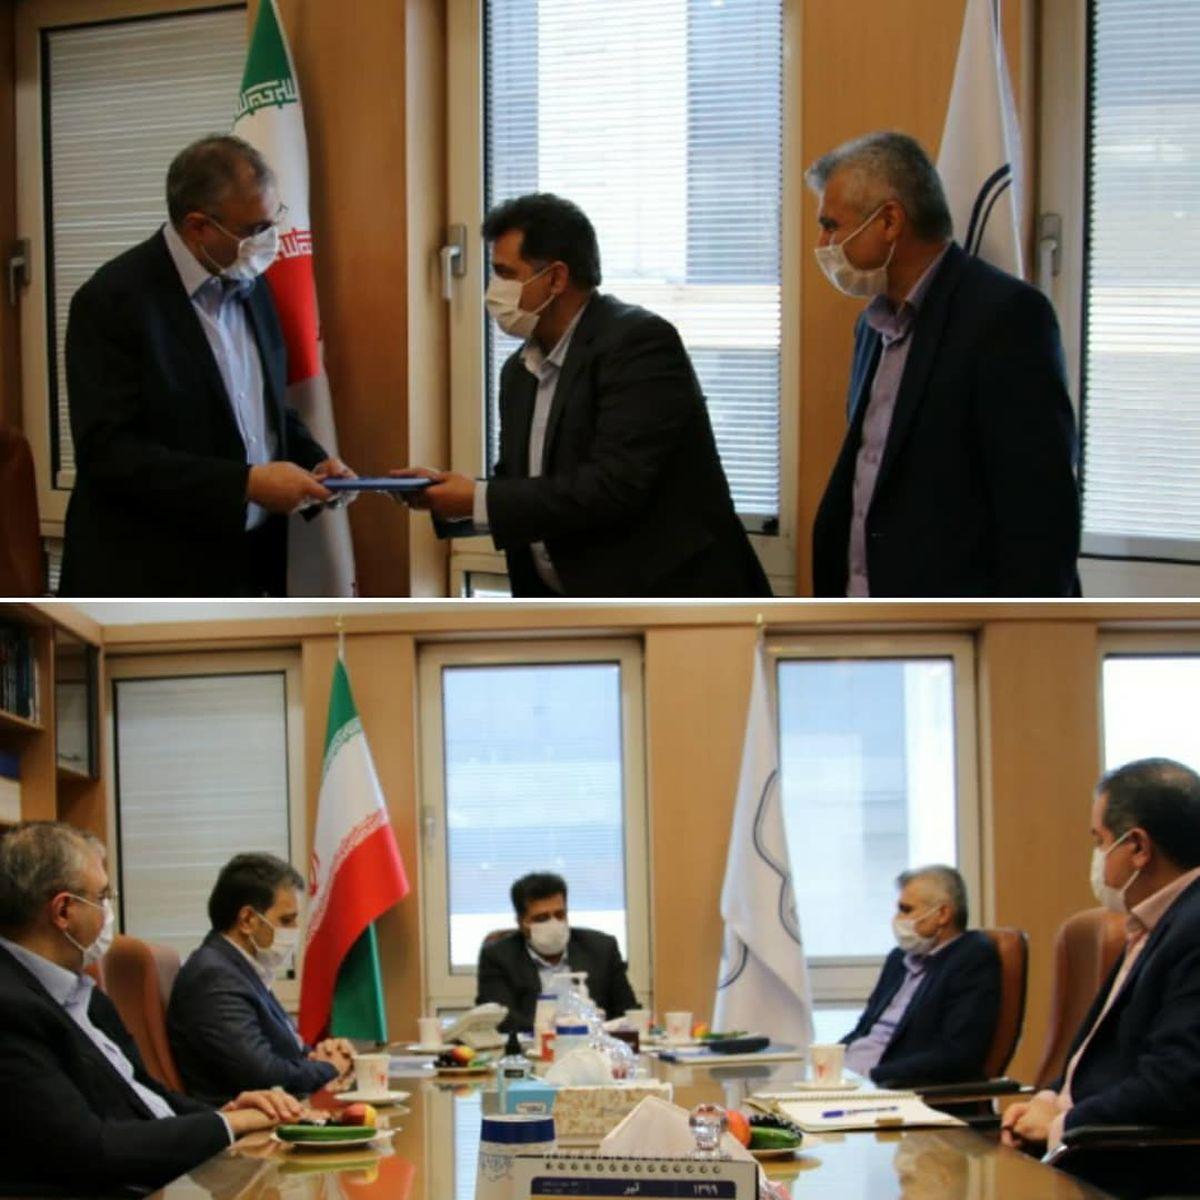 انتصاب «محمدرضا ویژه» به عنوان عضوموظف هیات مدیره صنایع شیر ایران (پگاه)